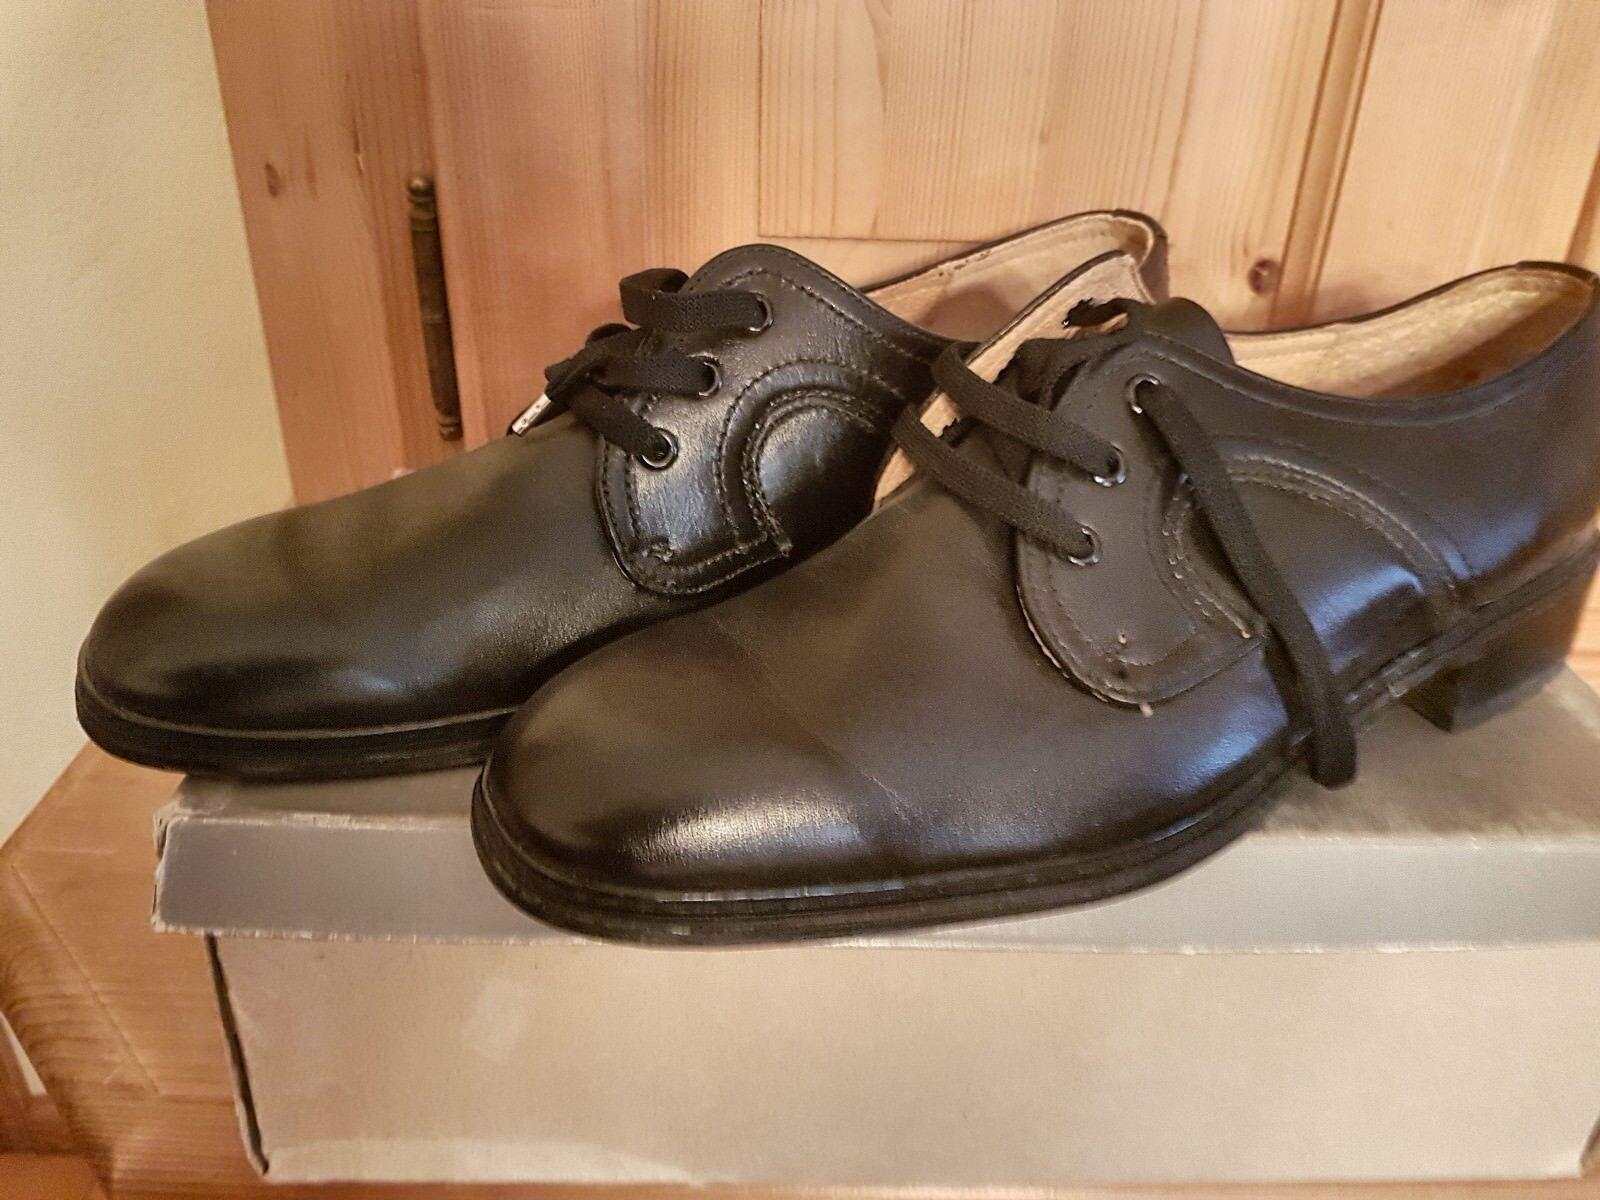 He Voll-Leder Schuhe schwarz Gr 9 Lederbrandsohle